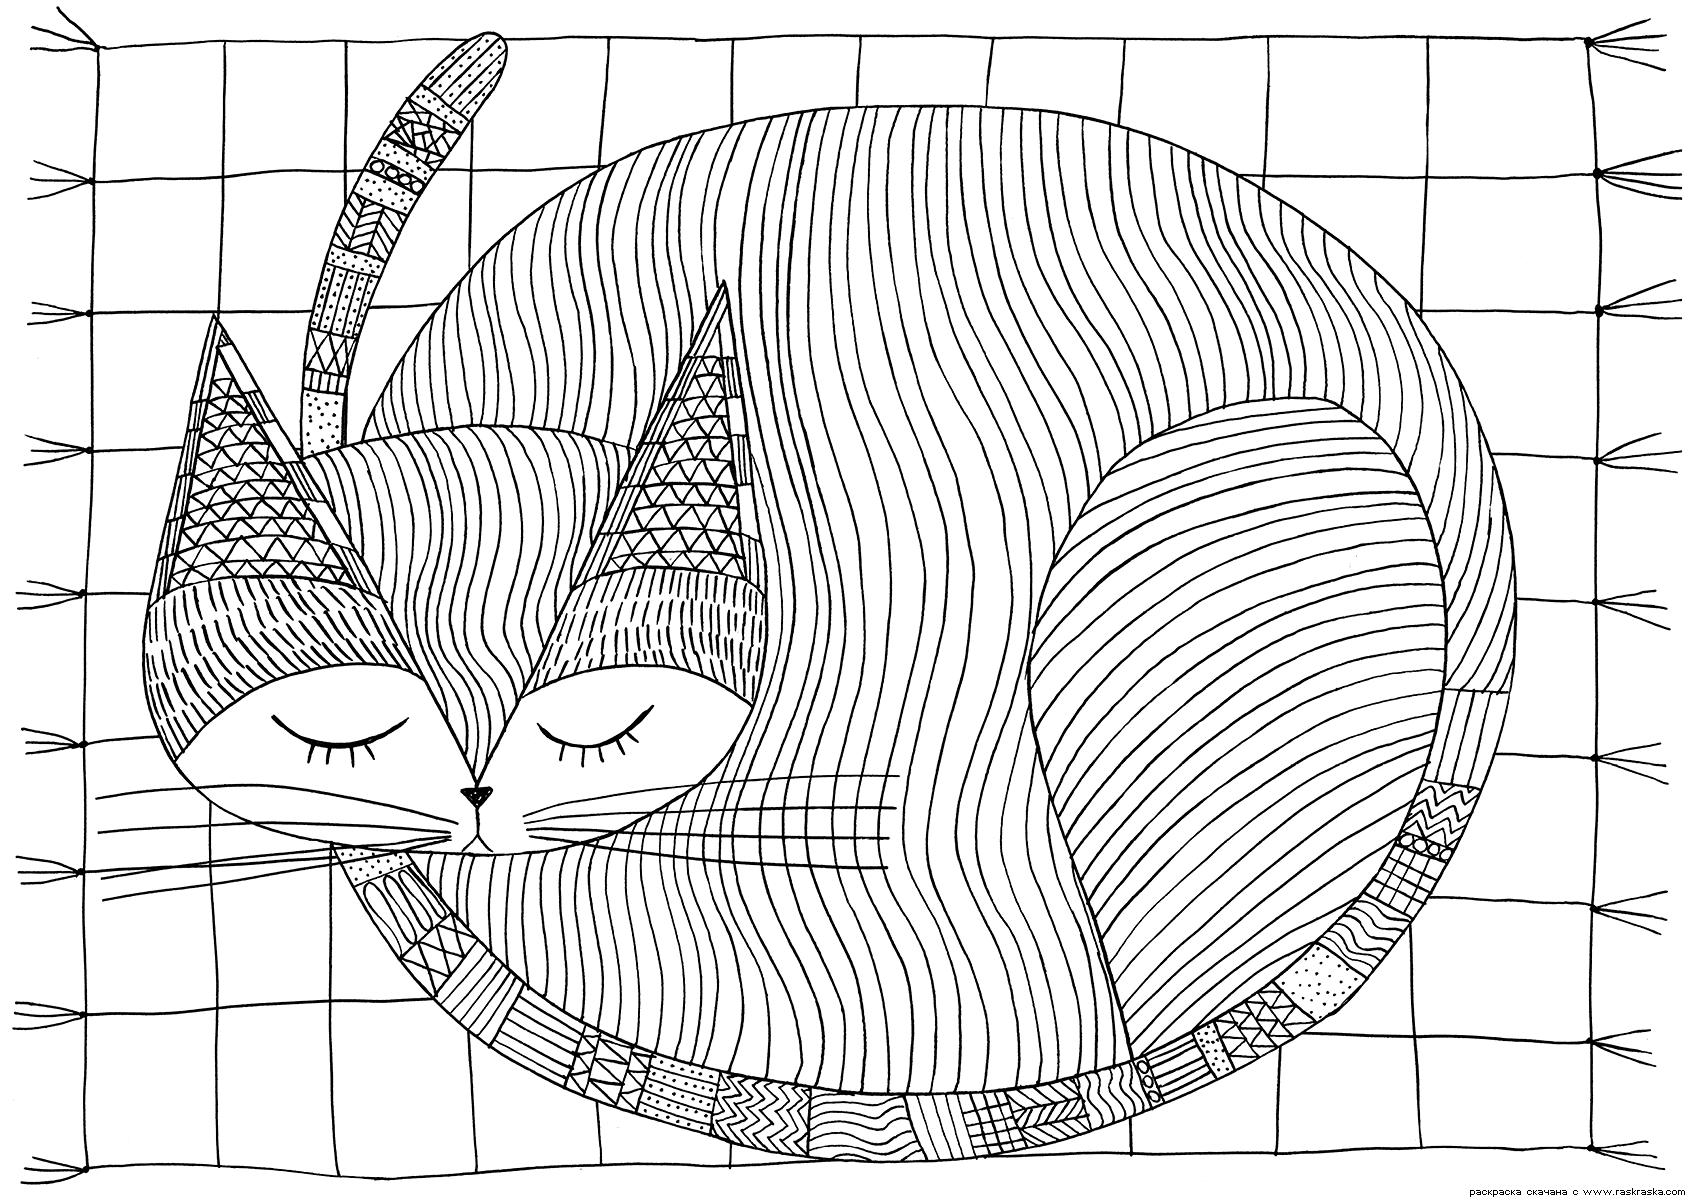 Раскраска Спящая кошка. Раскраска кот, кошка, антистресс